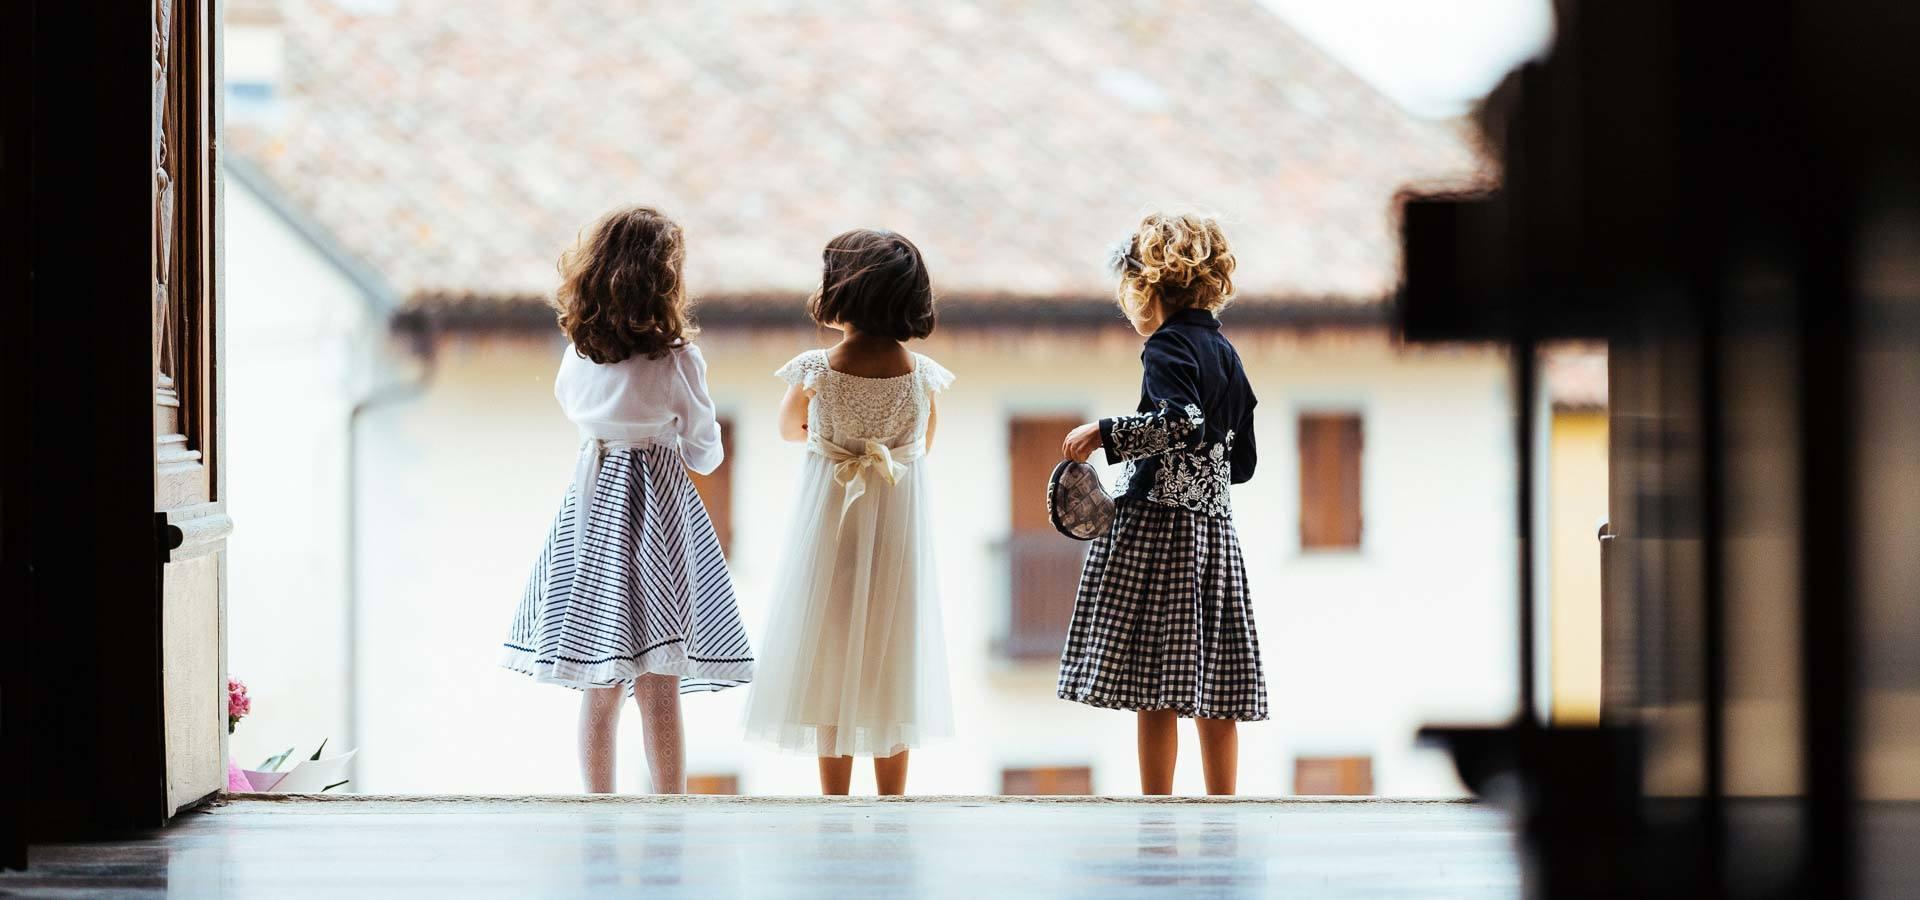 alcune bambine attendono l'arrivo della sposa per la cerimonia a torino